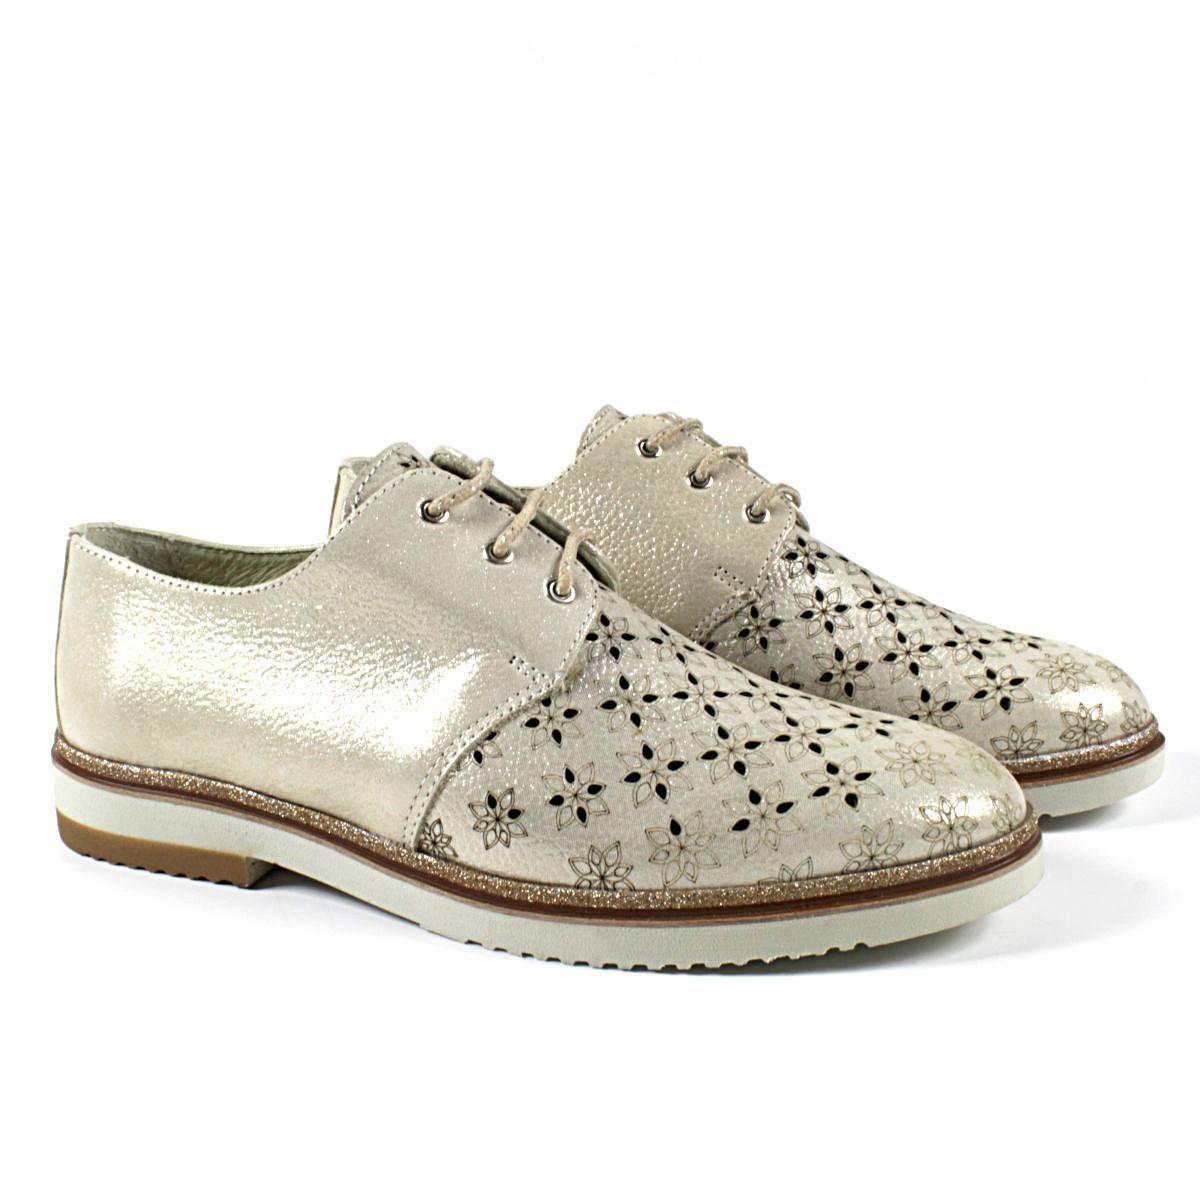 Дамски Обувки Естествена Кожа Със Златист Ефект Двете